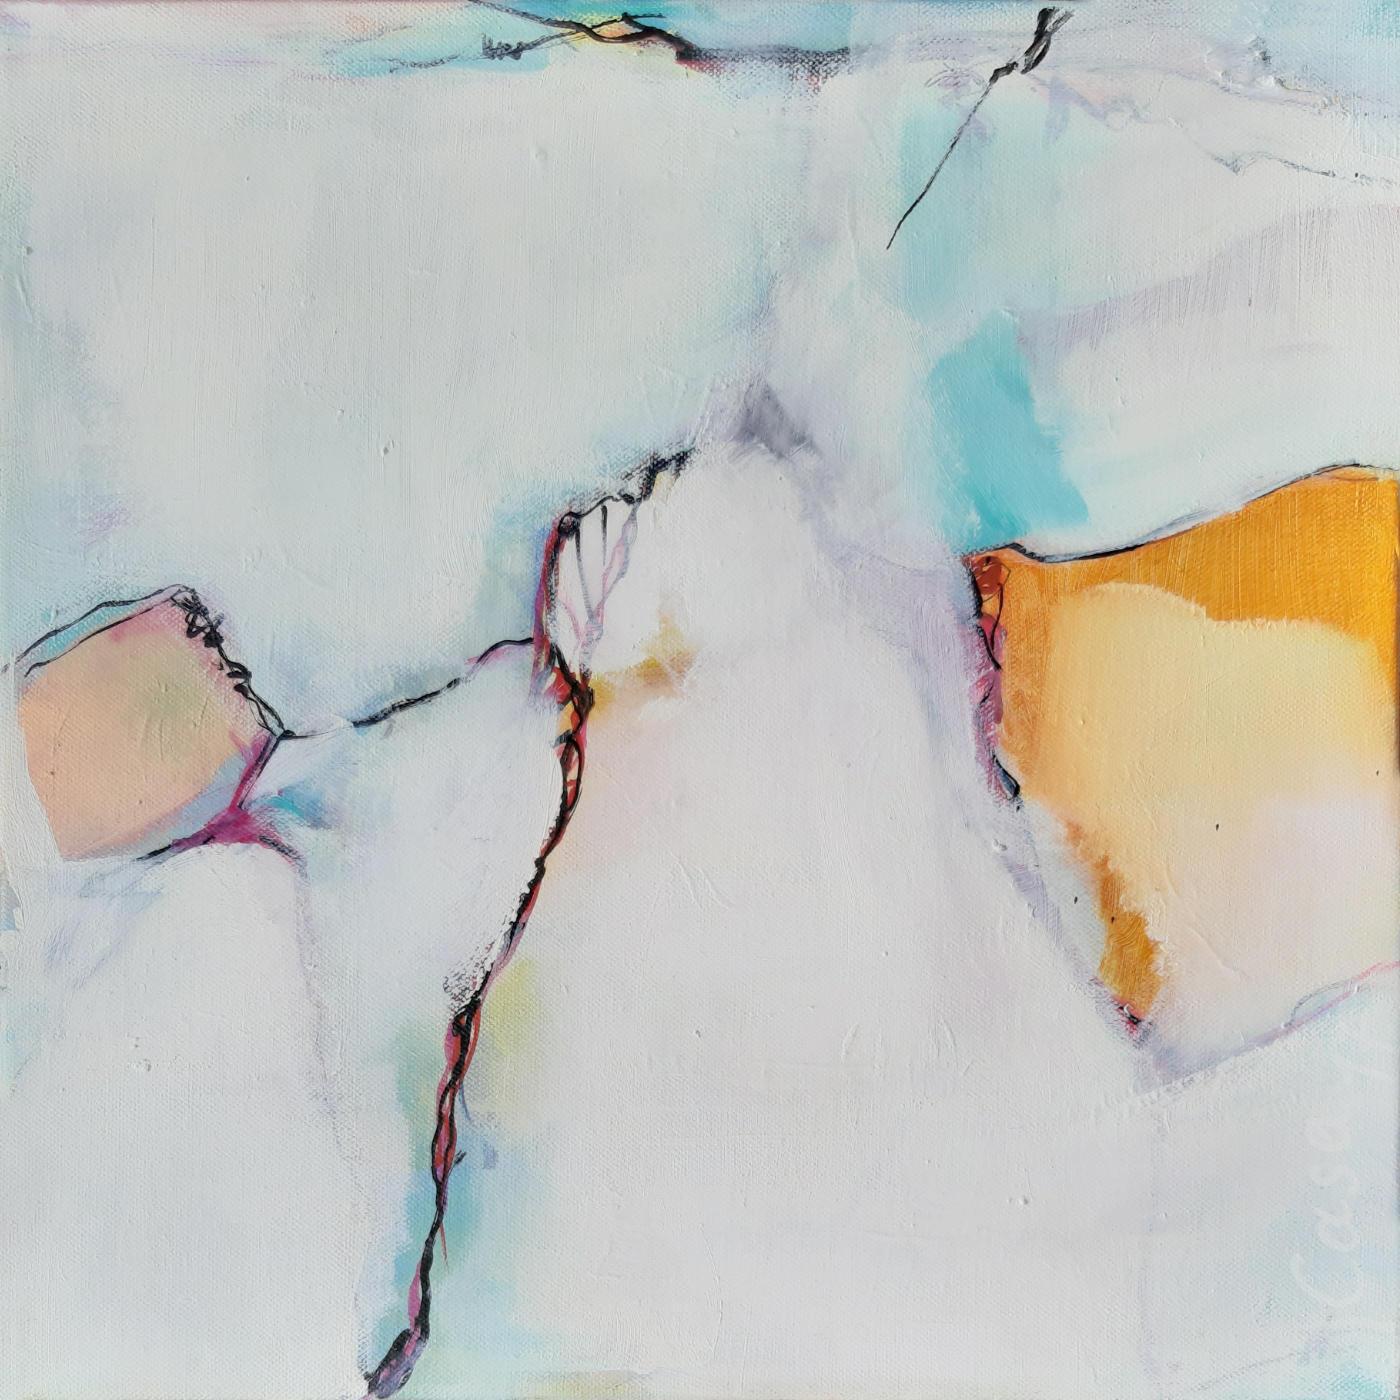 Leicht - Acryl und Tusche auf Leinwand, 40 x 40 cm